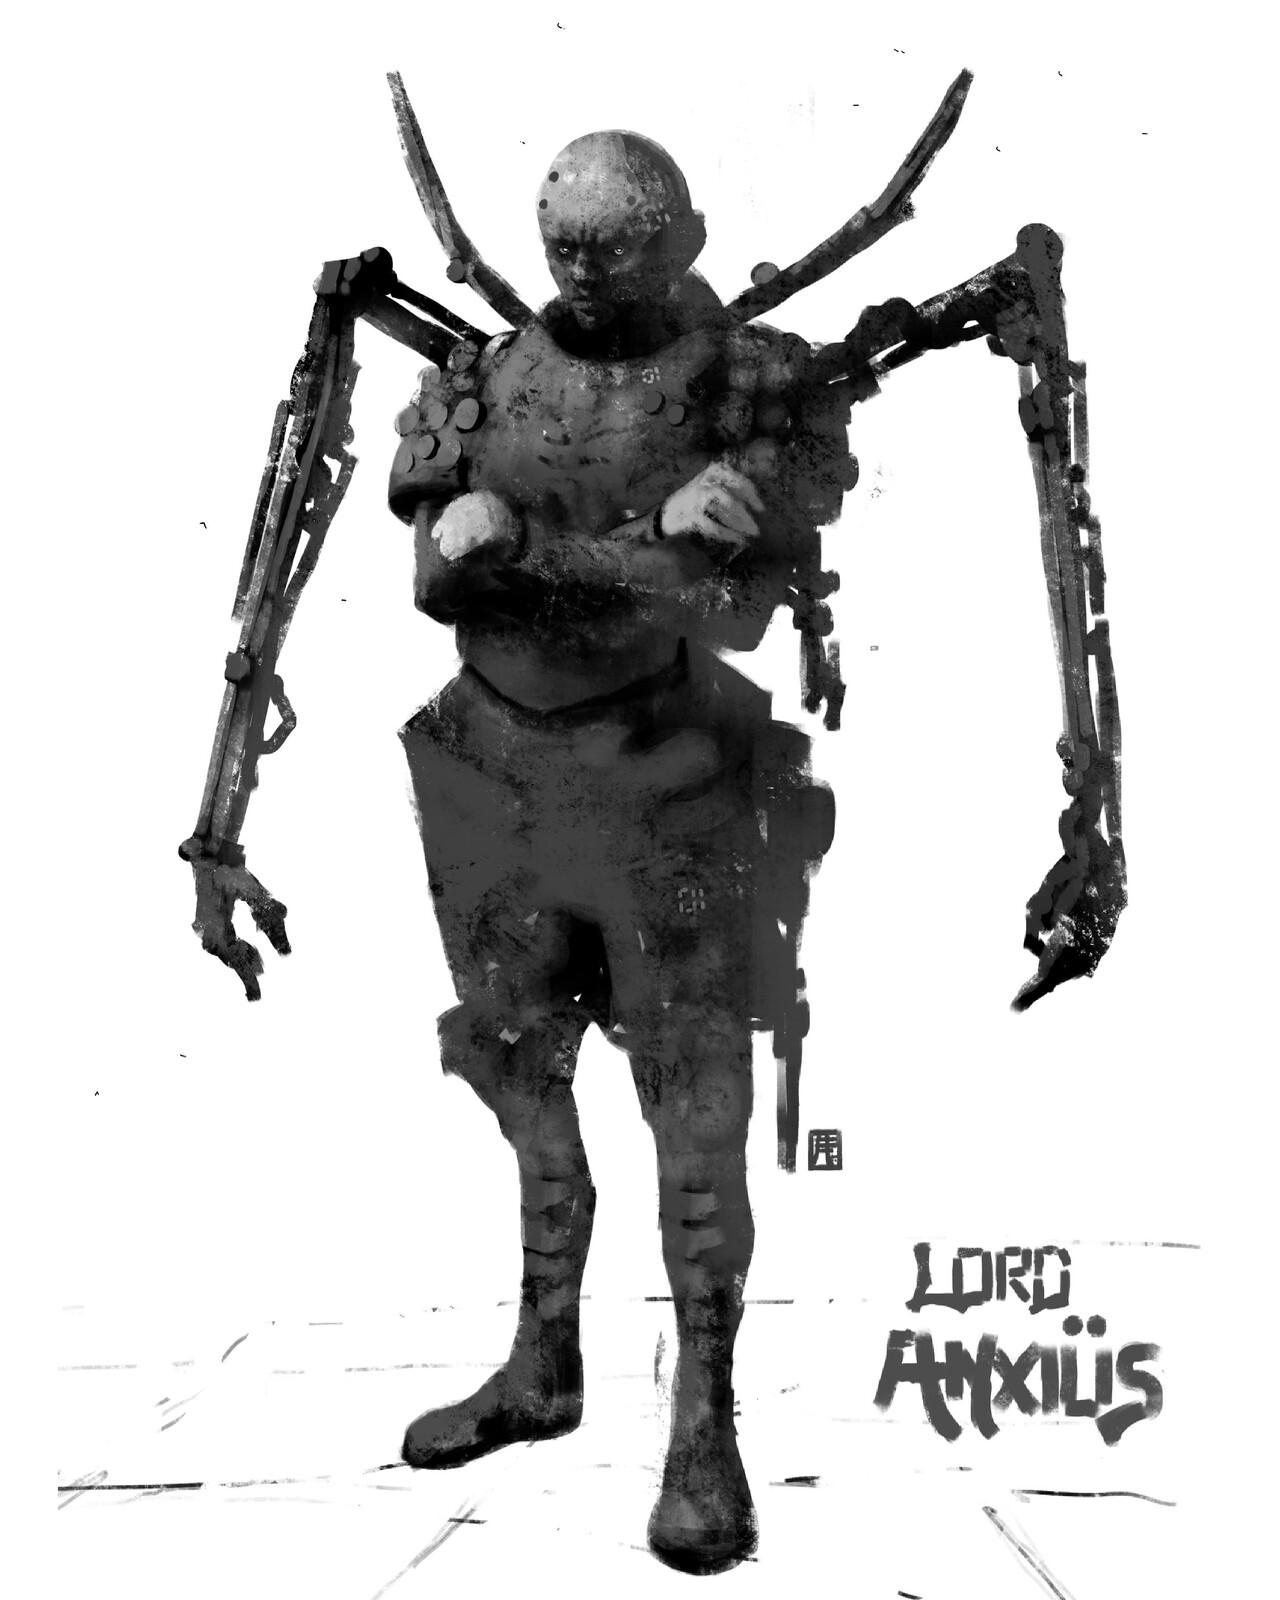 Lord Anxiüs' Internal Turmoil//01